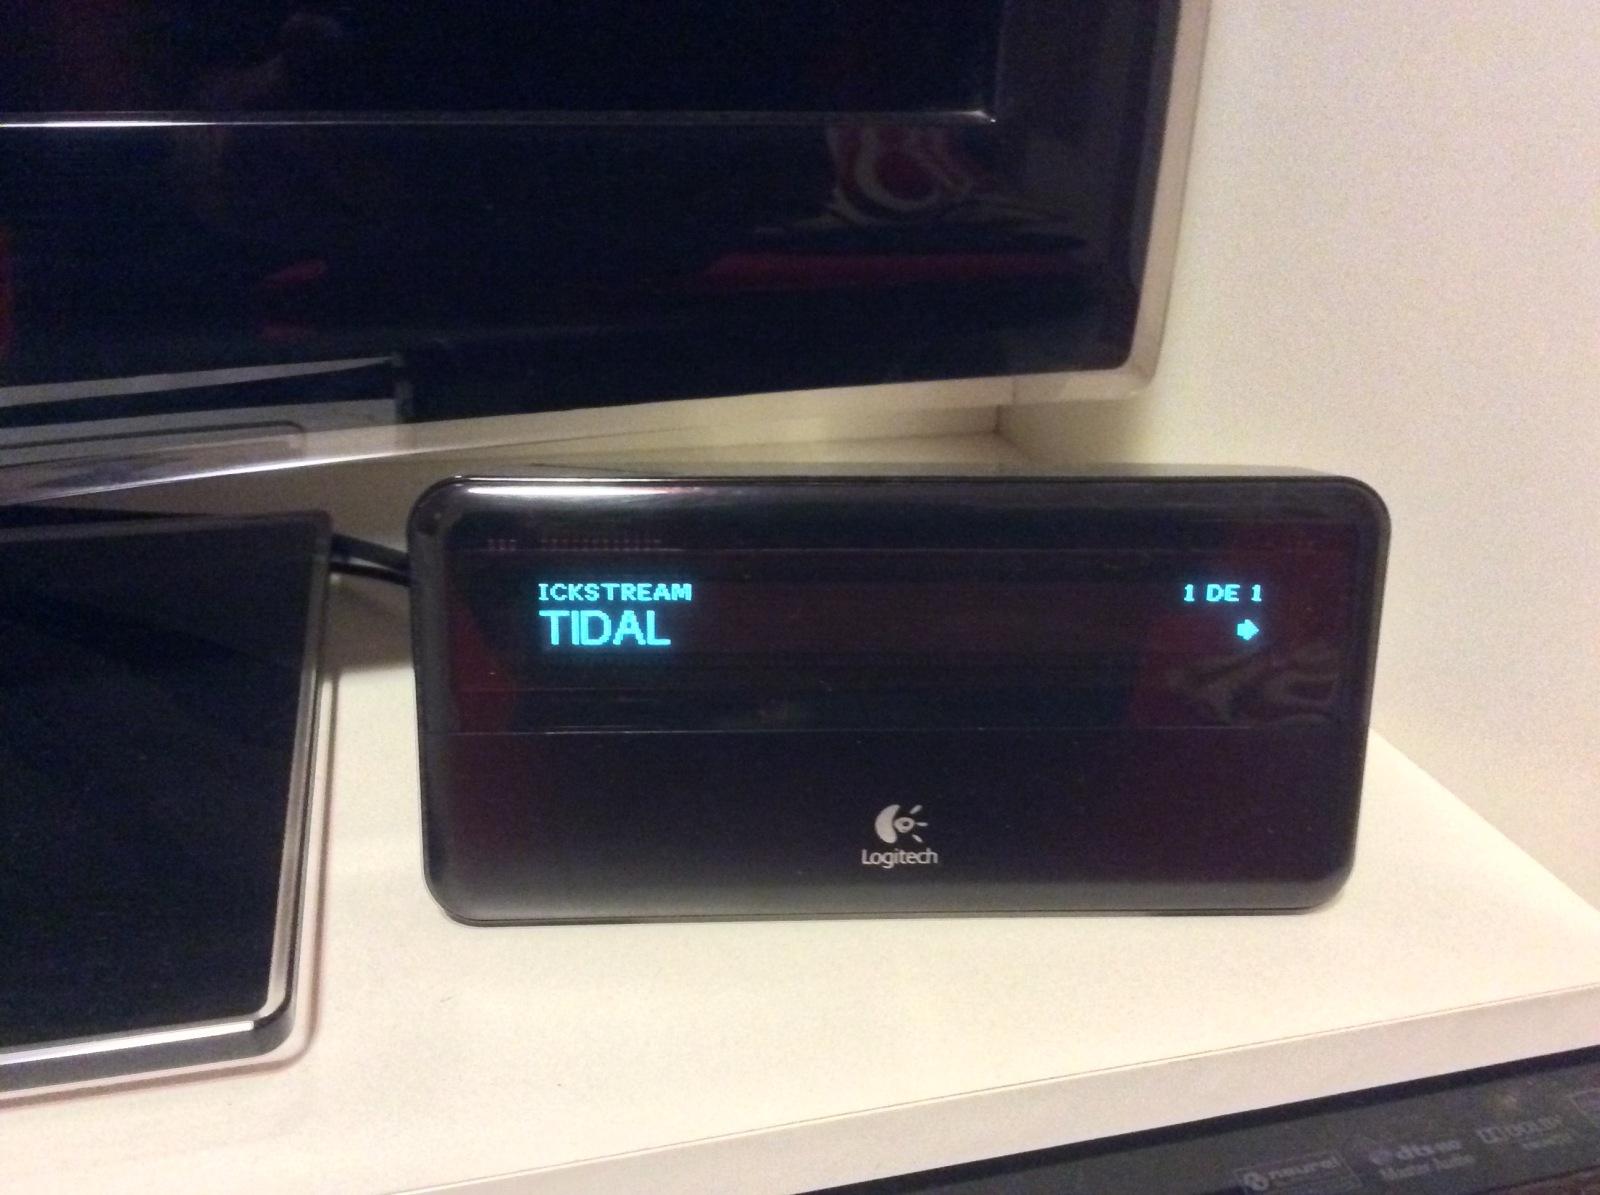 Tidal ,nuevo servicio de streaming en alta calidad 1411kbps - Página 3 2eq6fx1